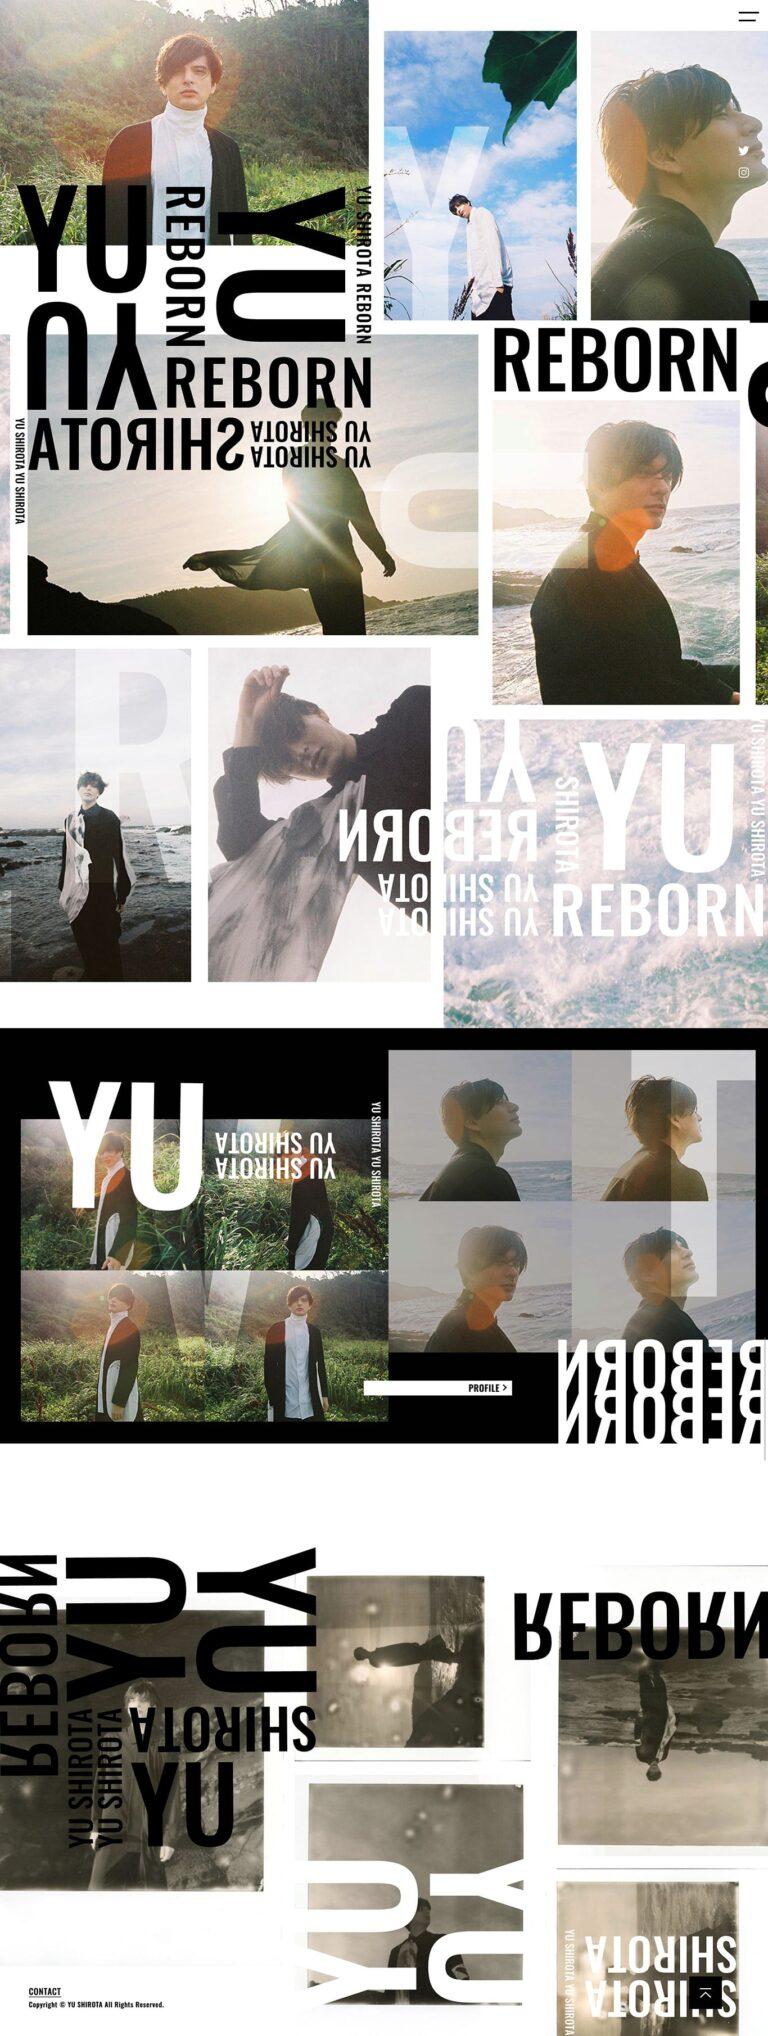 城田優 - YU SHIROTA 公式サイト